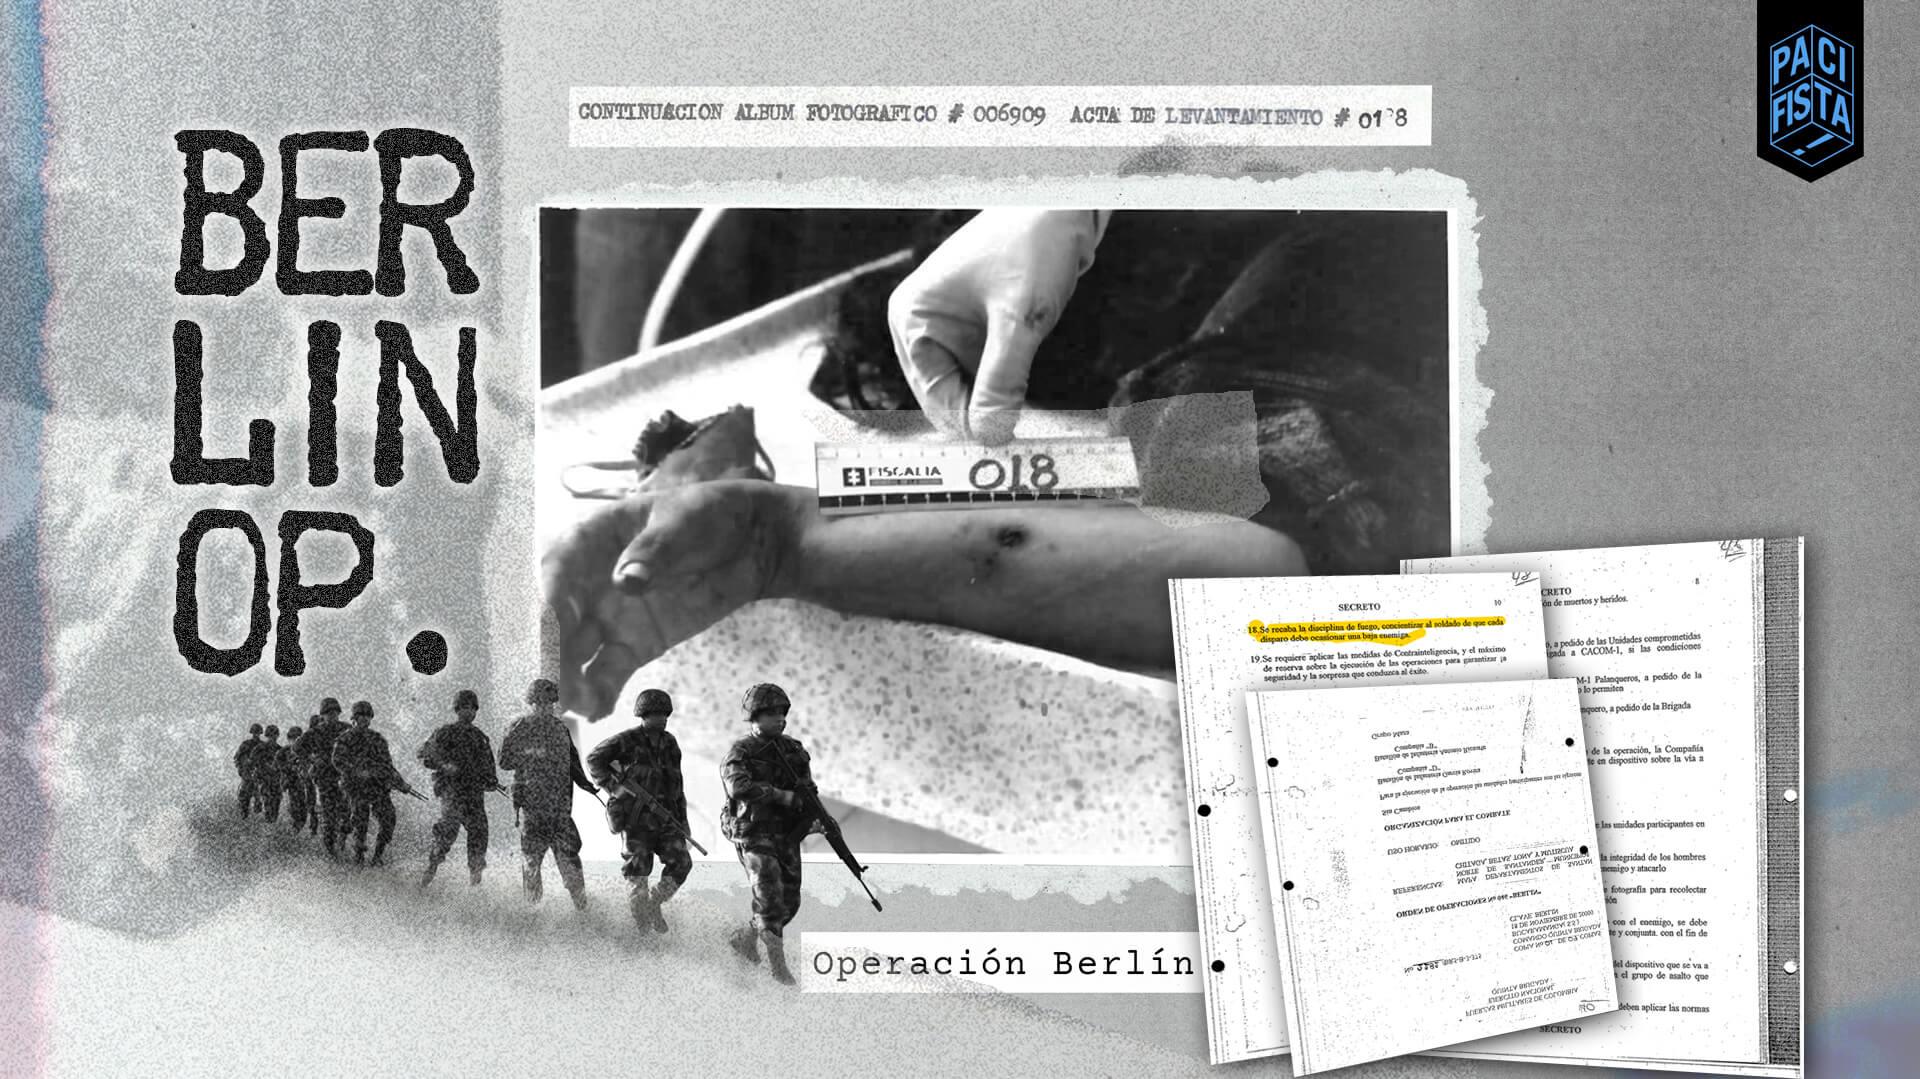 'Berlín', la operación militar donde el Ejército habría fusilado niños